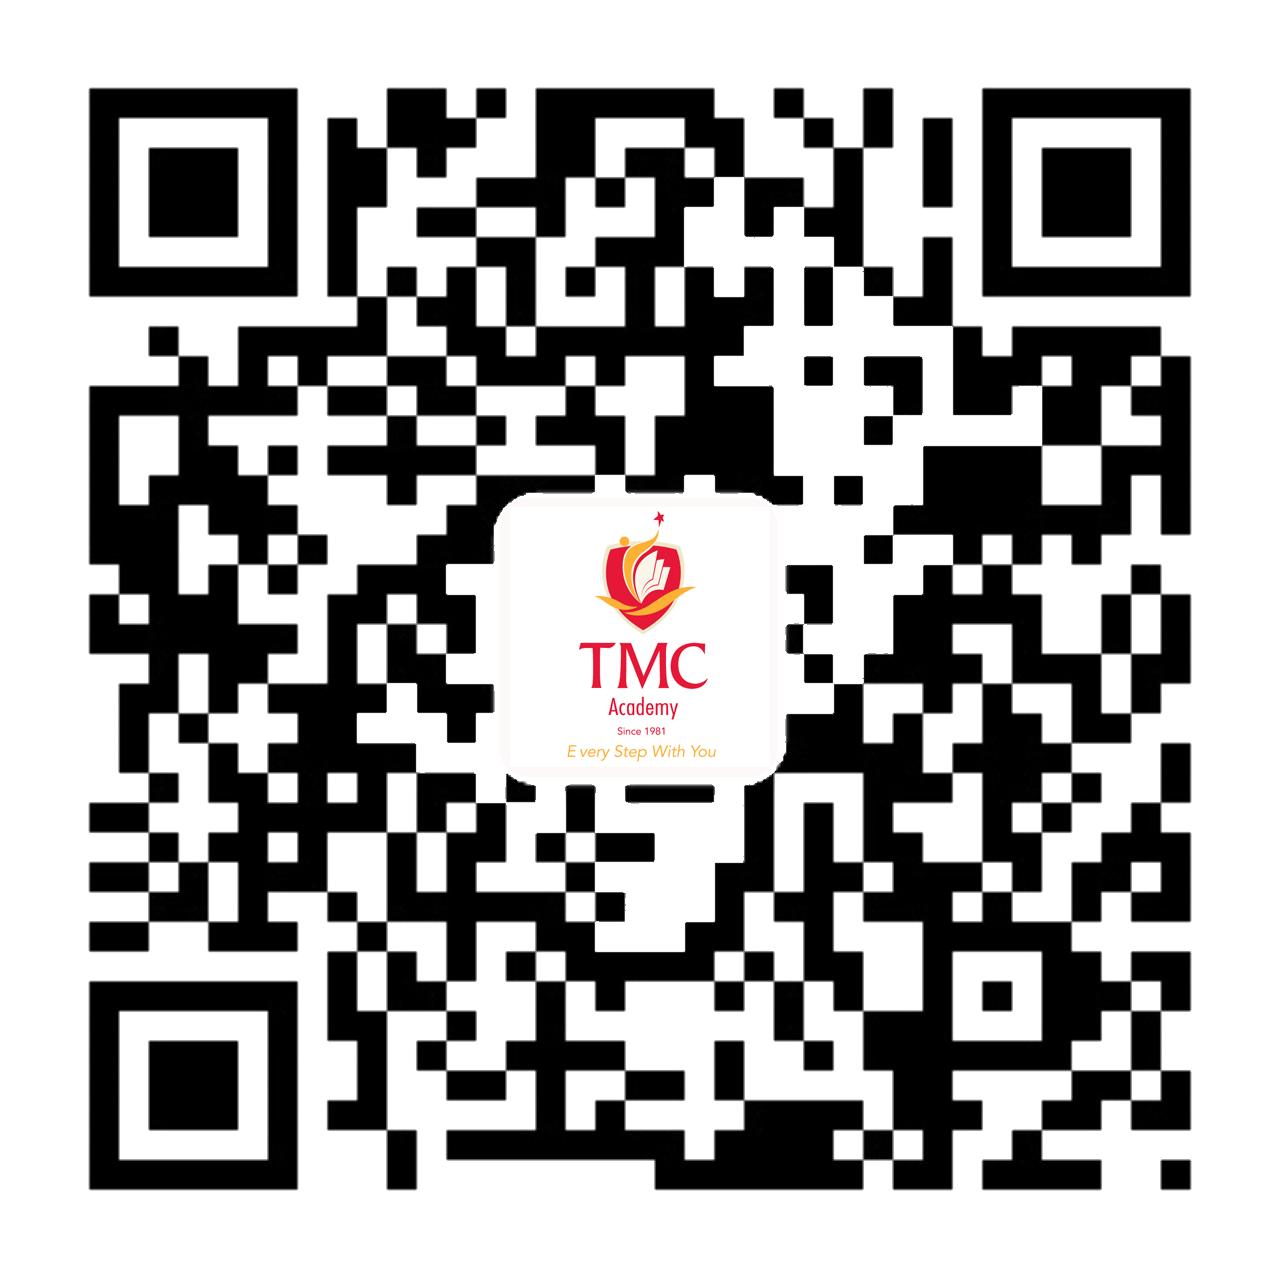 TMC Academy Wechat QR Code